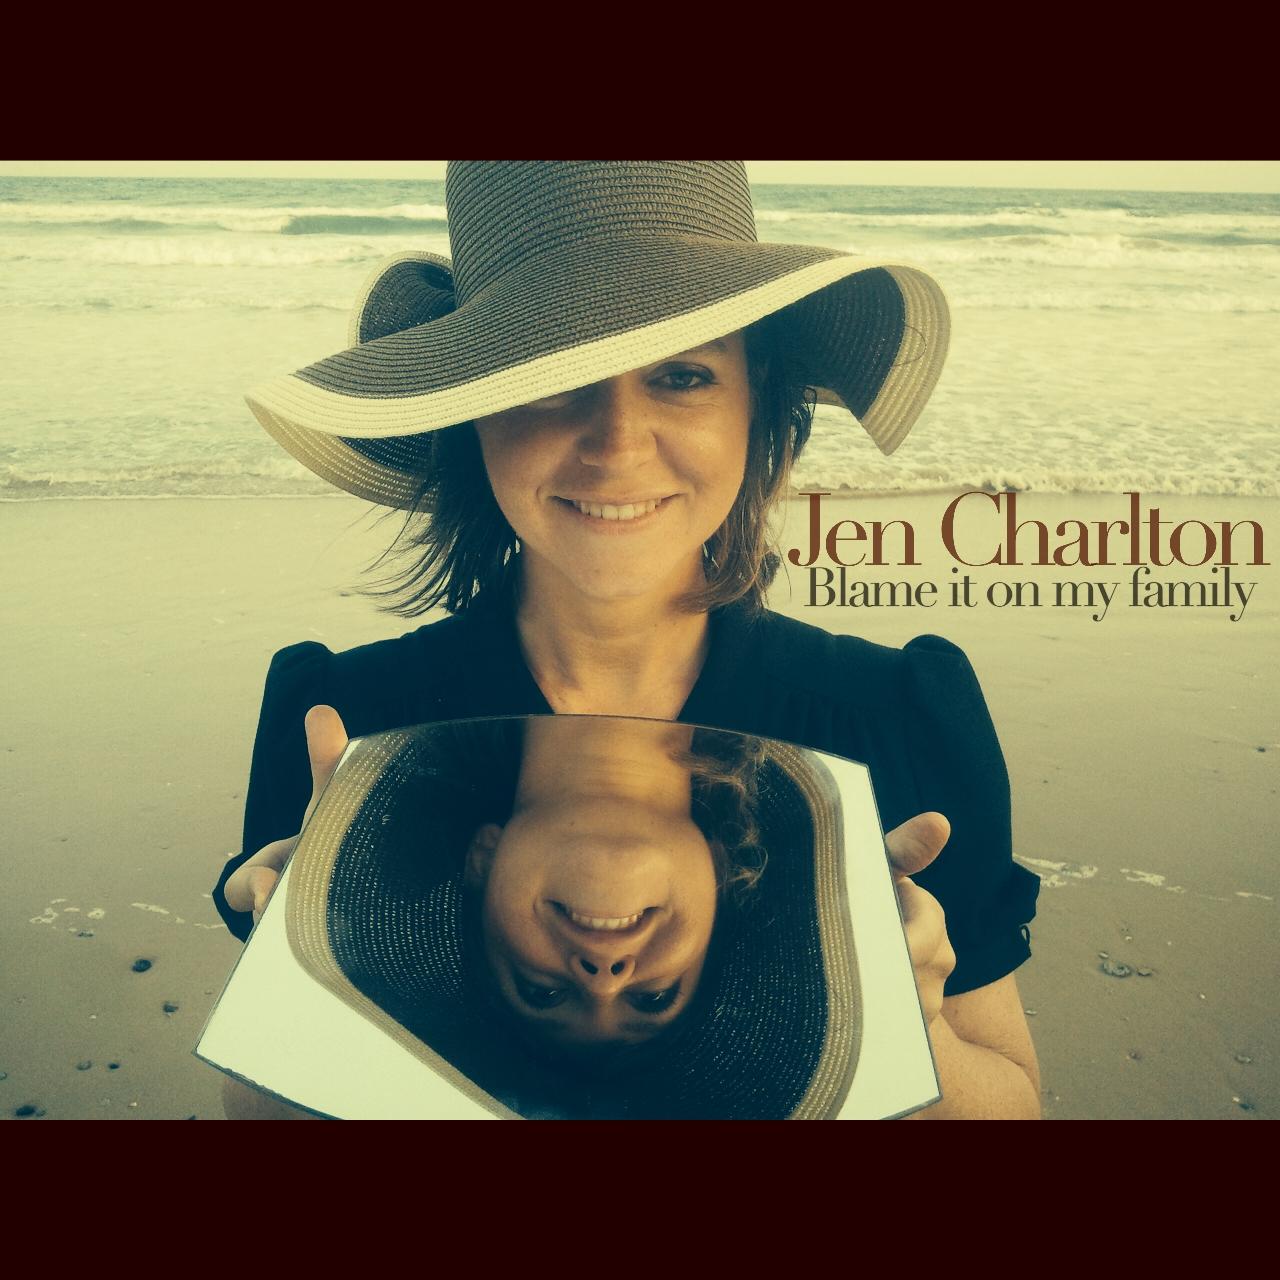 Jencharlton